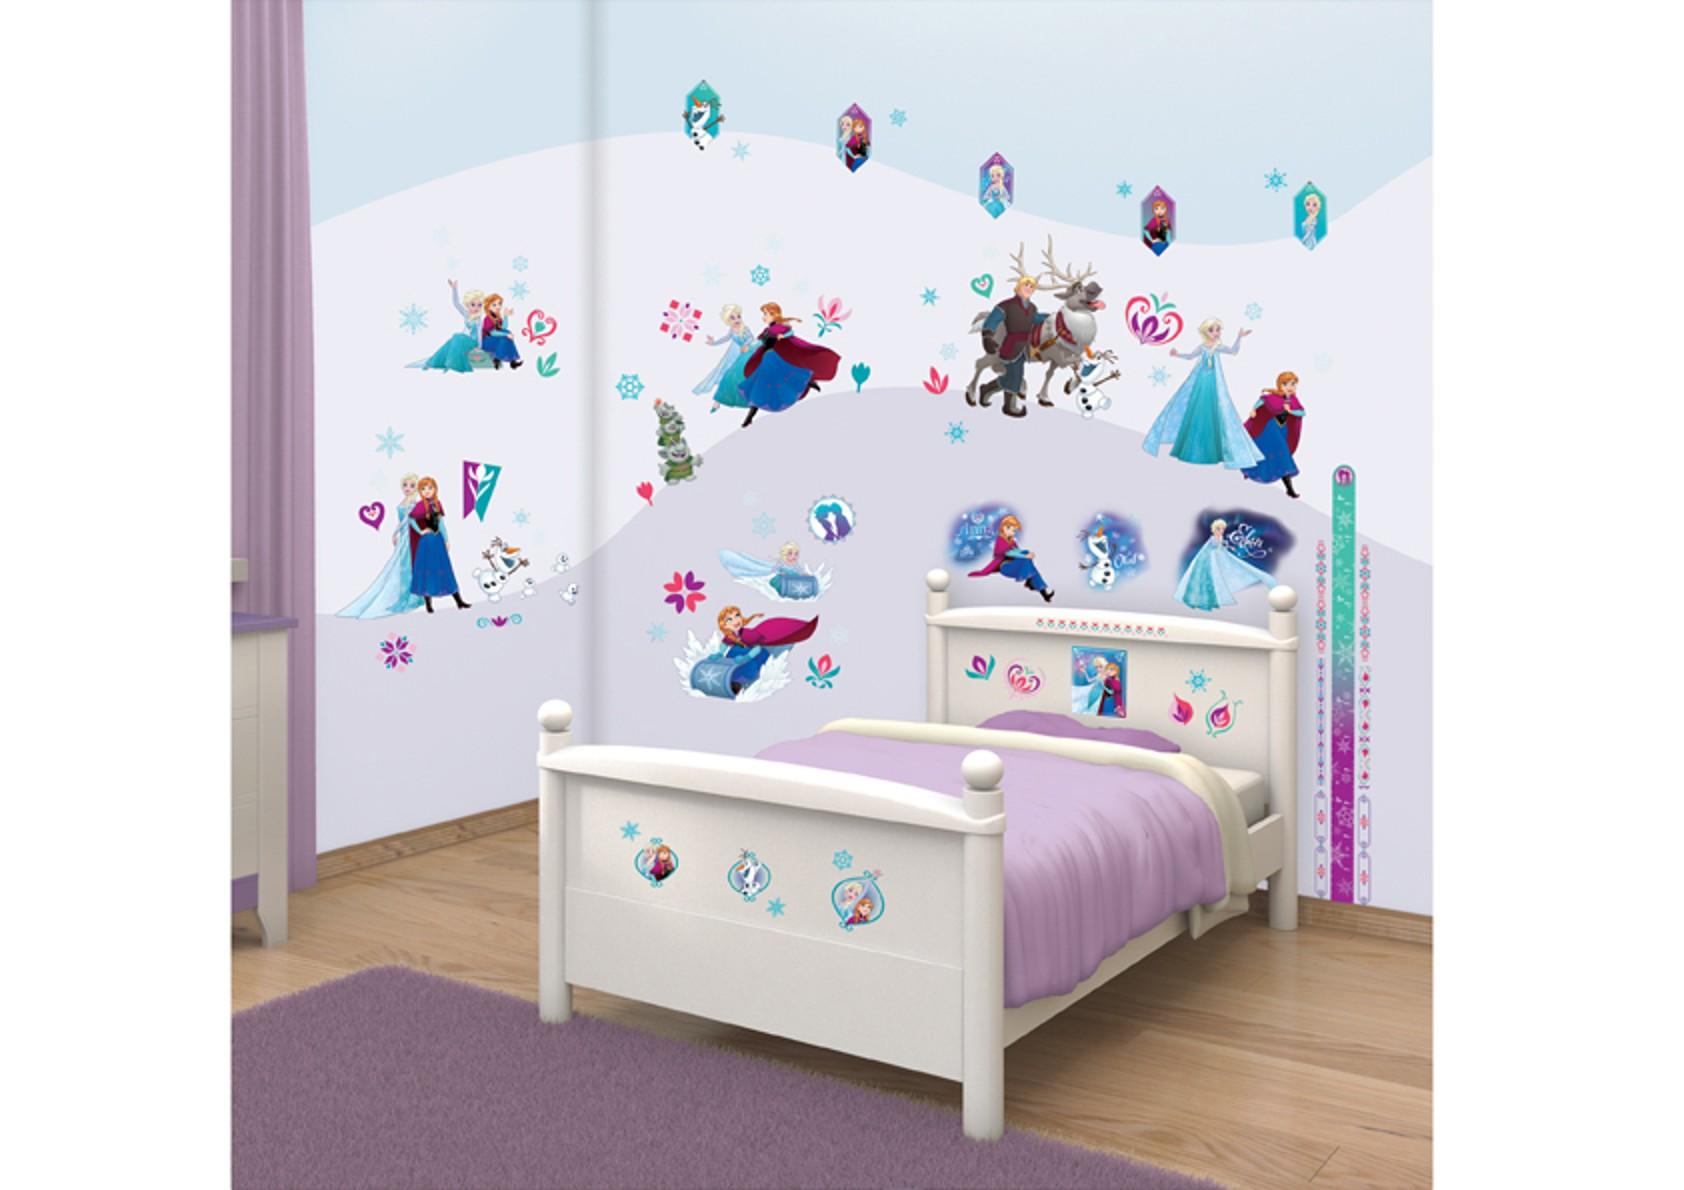 Samolepicí dekorace Walltastic Frozen 2 - 34 x 46 cm 43916 (Dětské samolepicí dekorace)